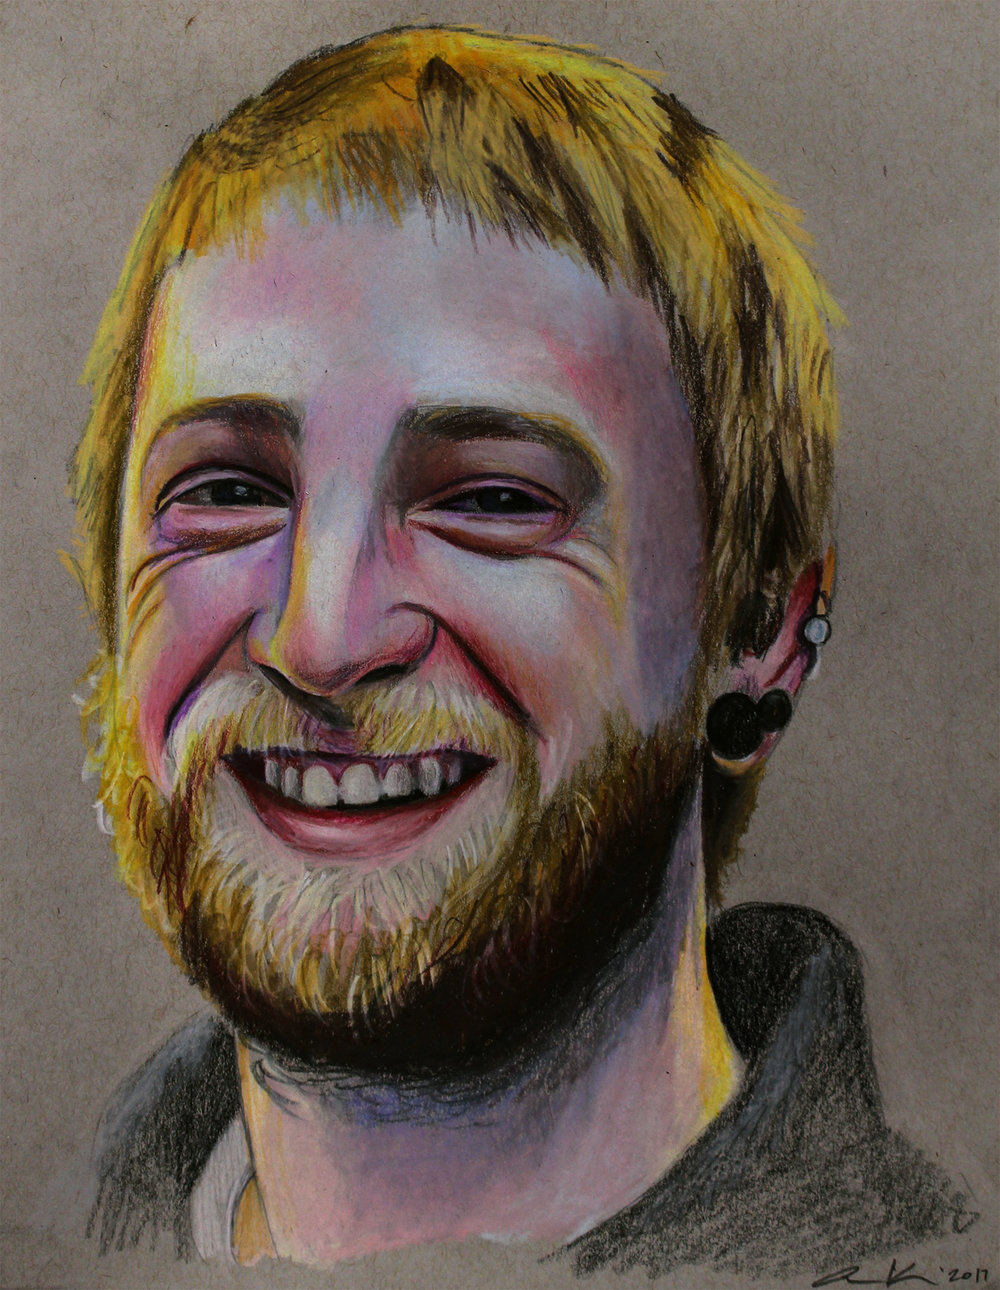 """Matt,2017, colored pencils on toned paper, 8.5x11"""""""